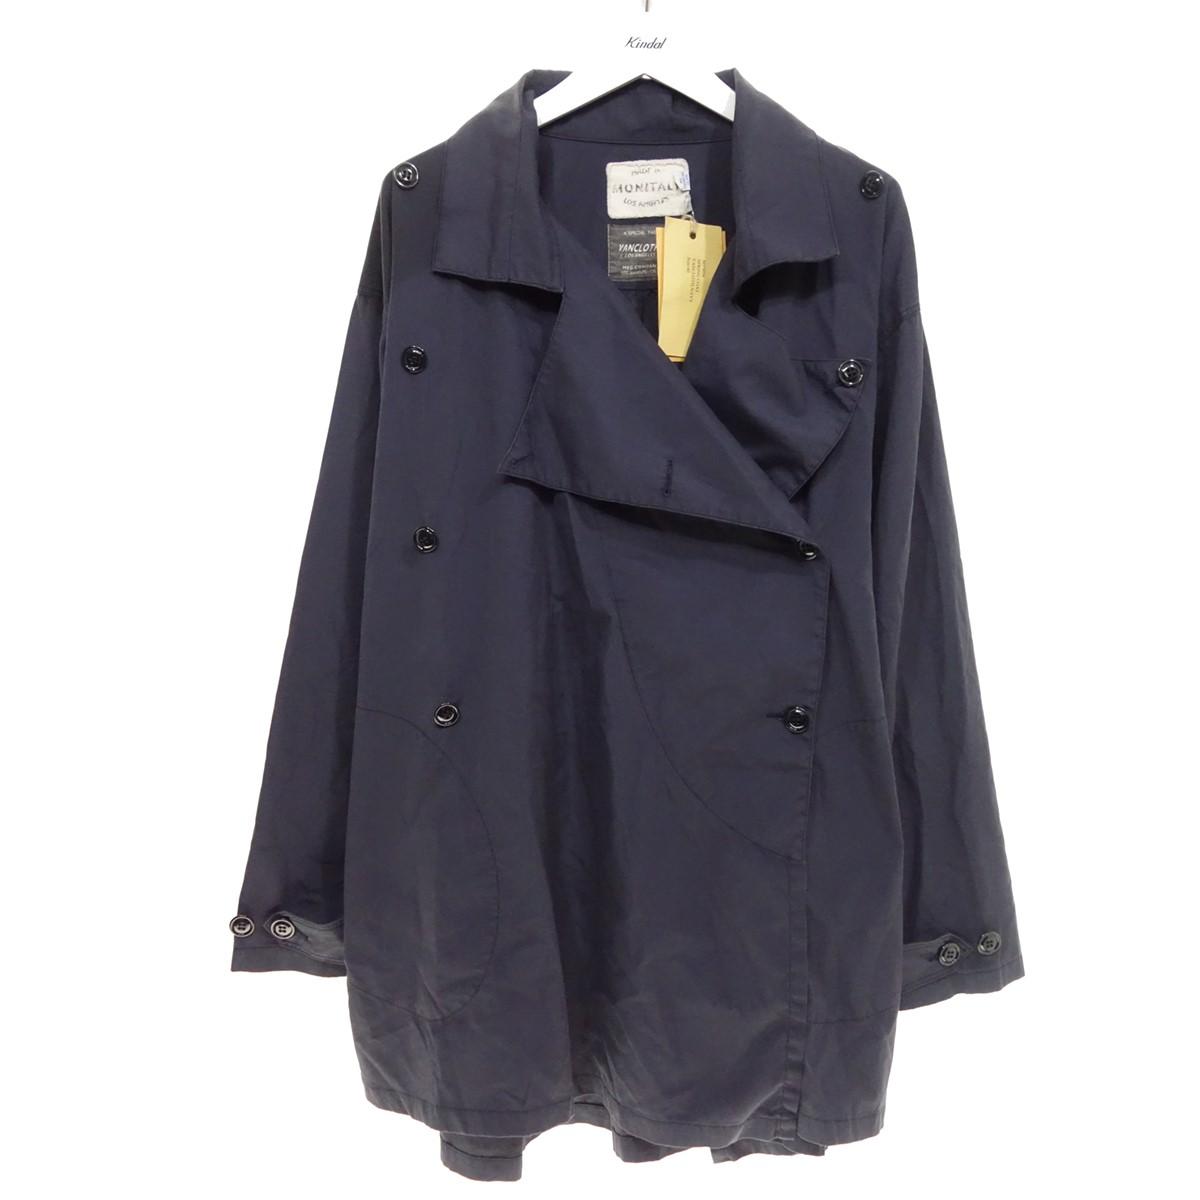 【中古】monitaly SPRING COAT スプリングコート ネイビー サイズ:40 【230620】(モニタリー)